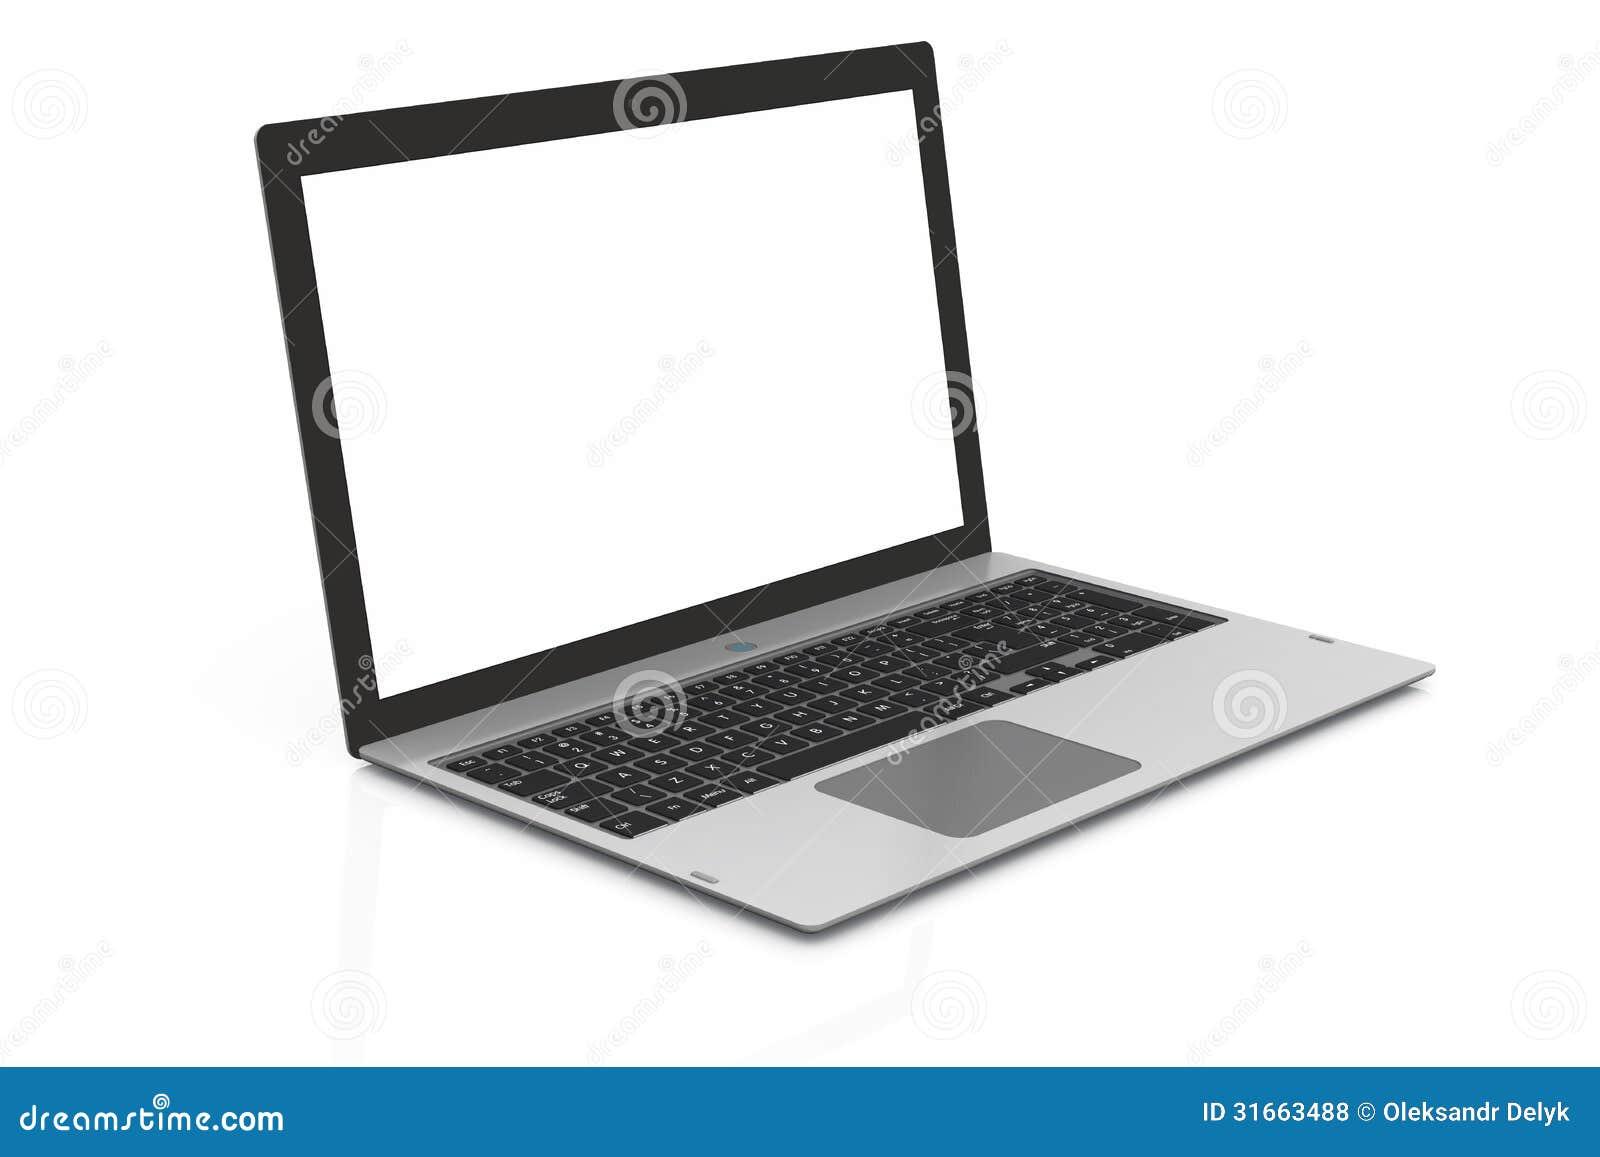 Komputerowa ruchliwość. Biały pokaz